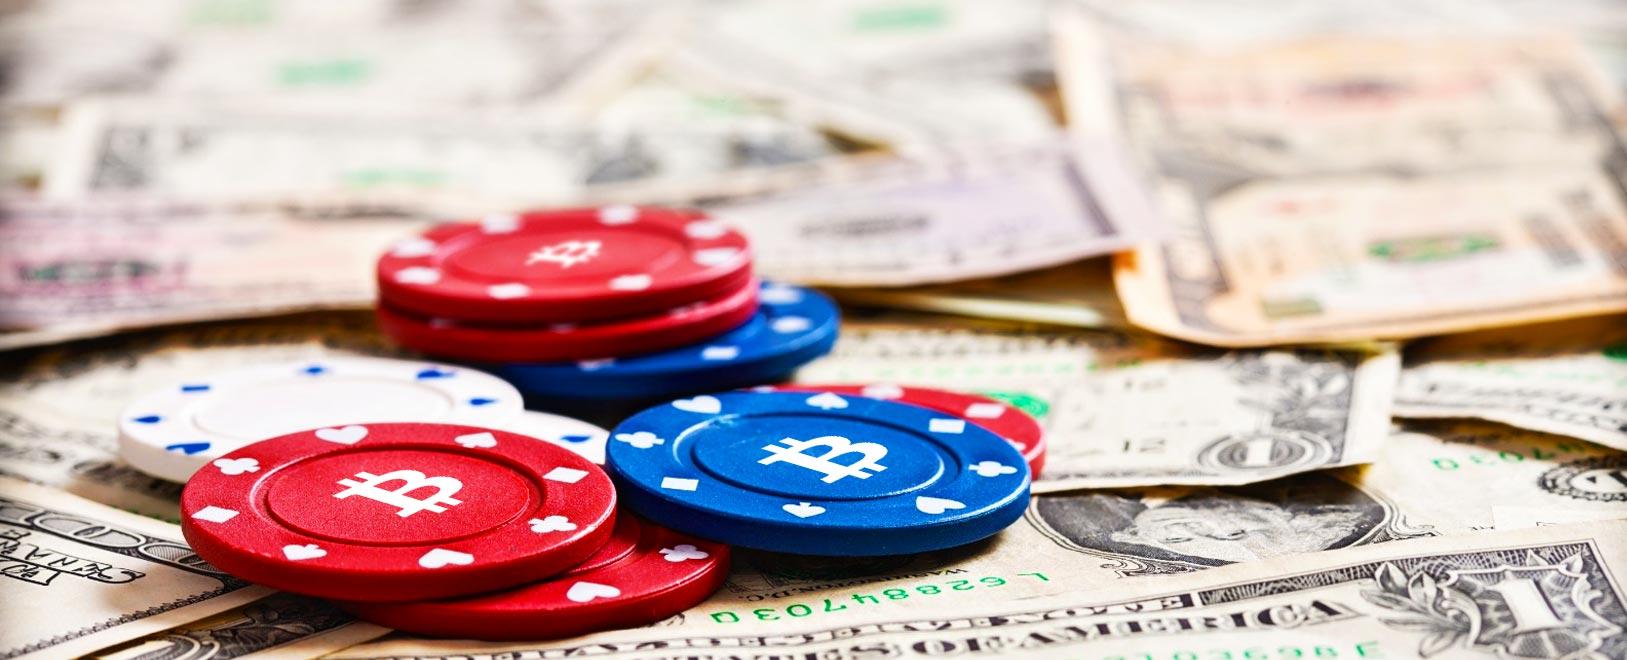 Bovada Poker Betting with Bitcoin and Bonuses